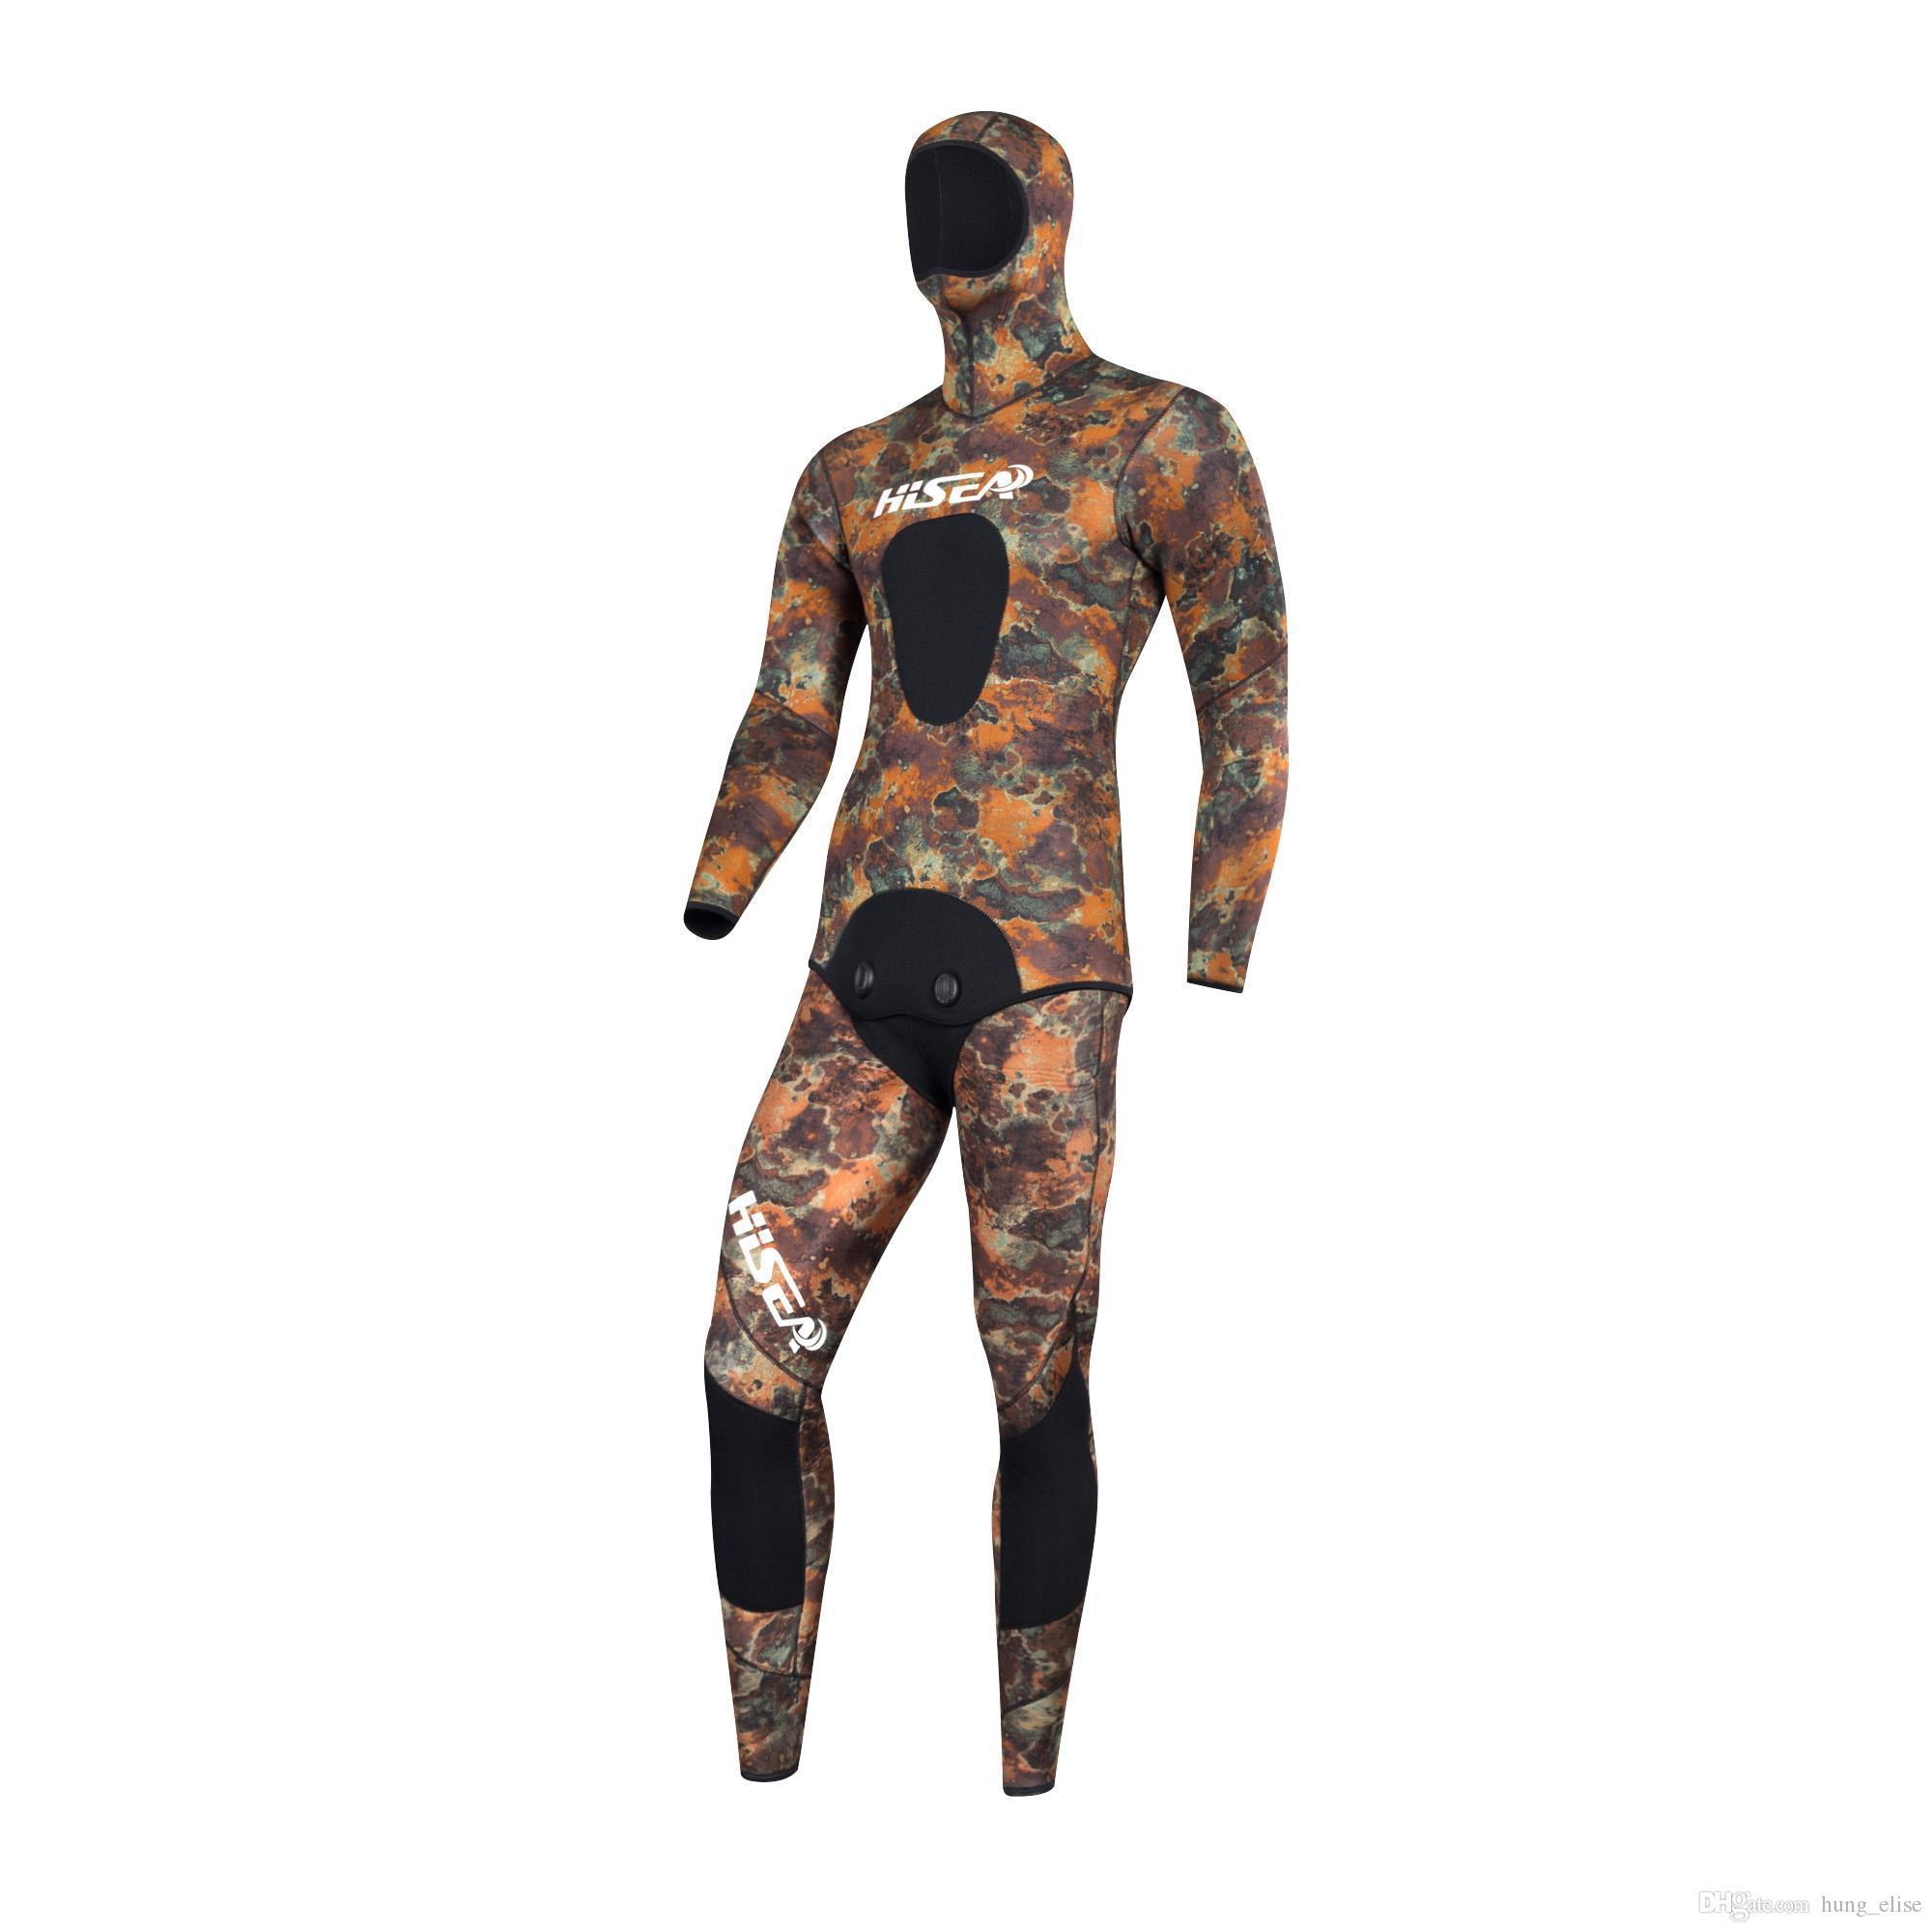 Hochwertige schwarz 3.5mm Tarnung professionelle getrennte Tauchen Wetsuit Männer Spearfiishing Anzüge Surf Tauchausrüstung